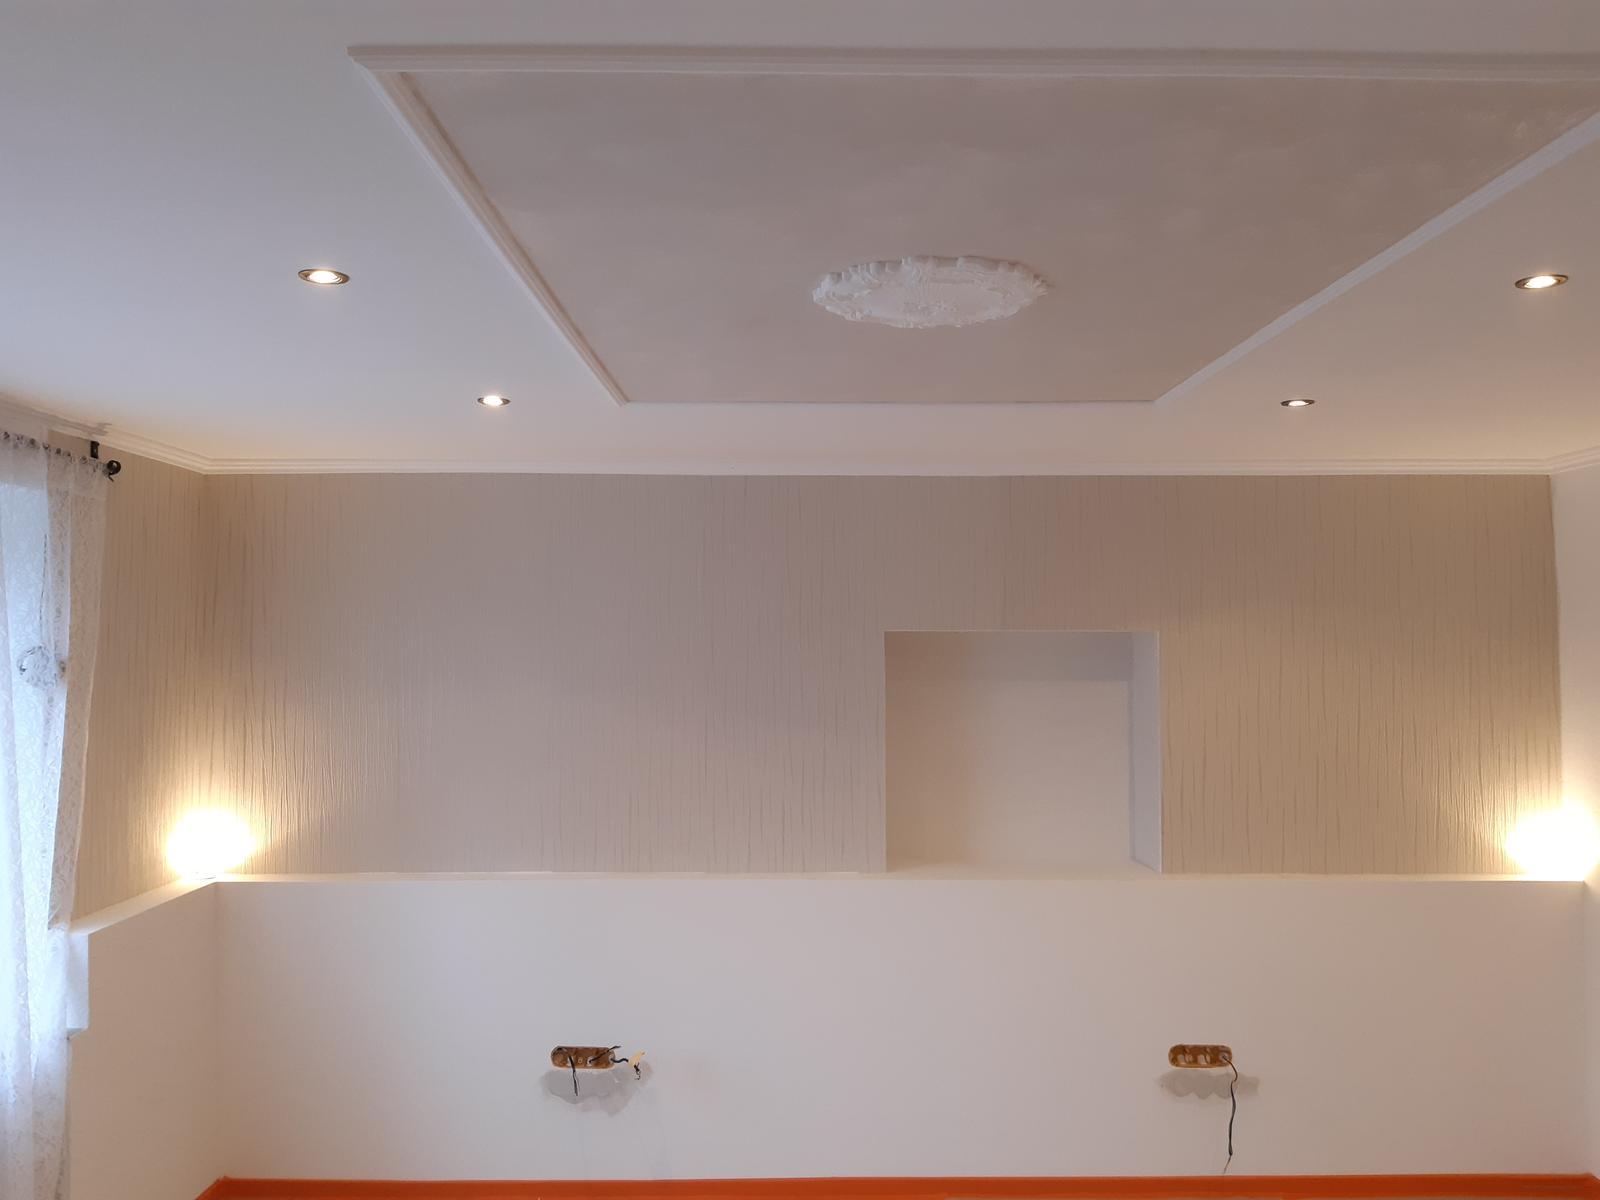 Striekane malovanie,zhotovenie SDK stropov a stien - Obrázok č. 1